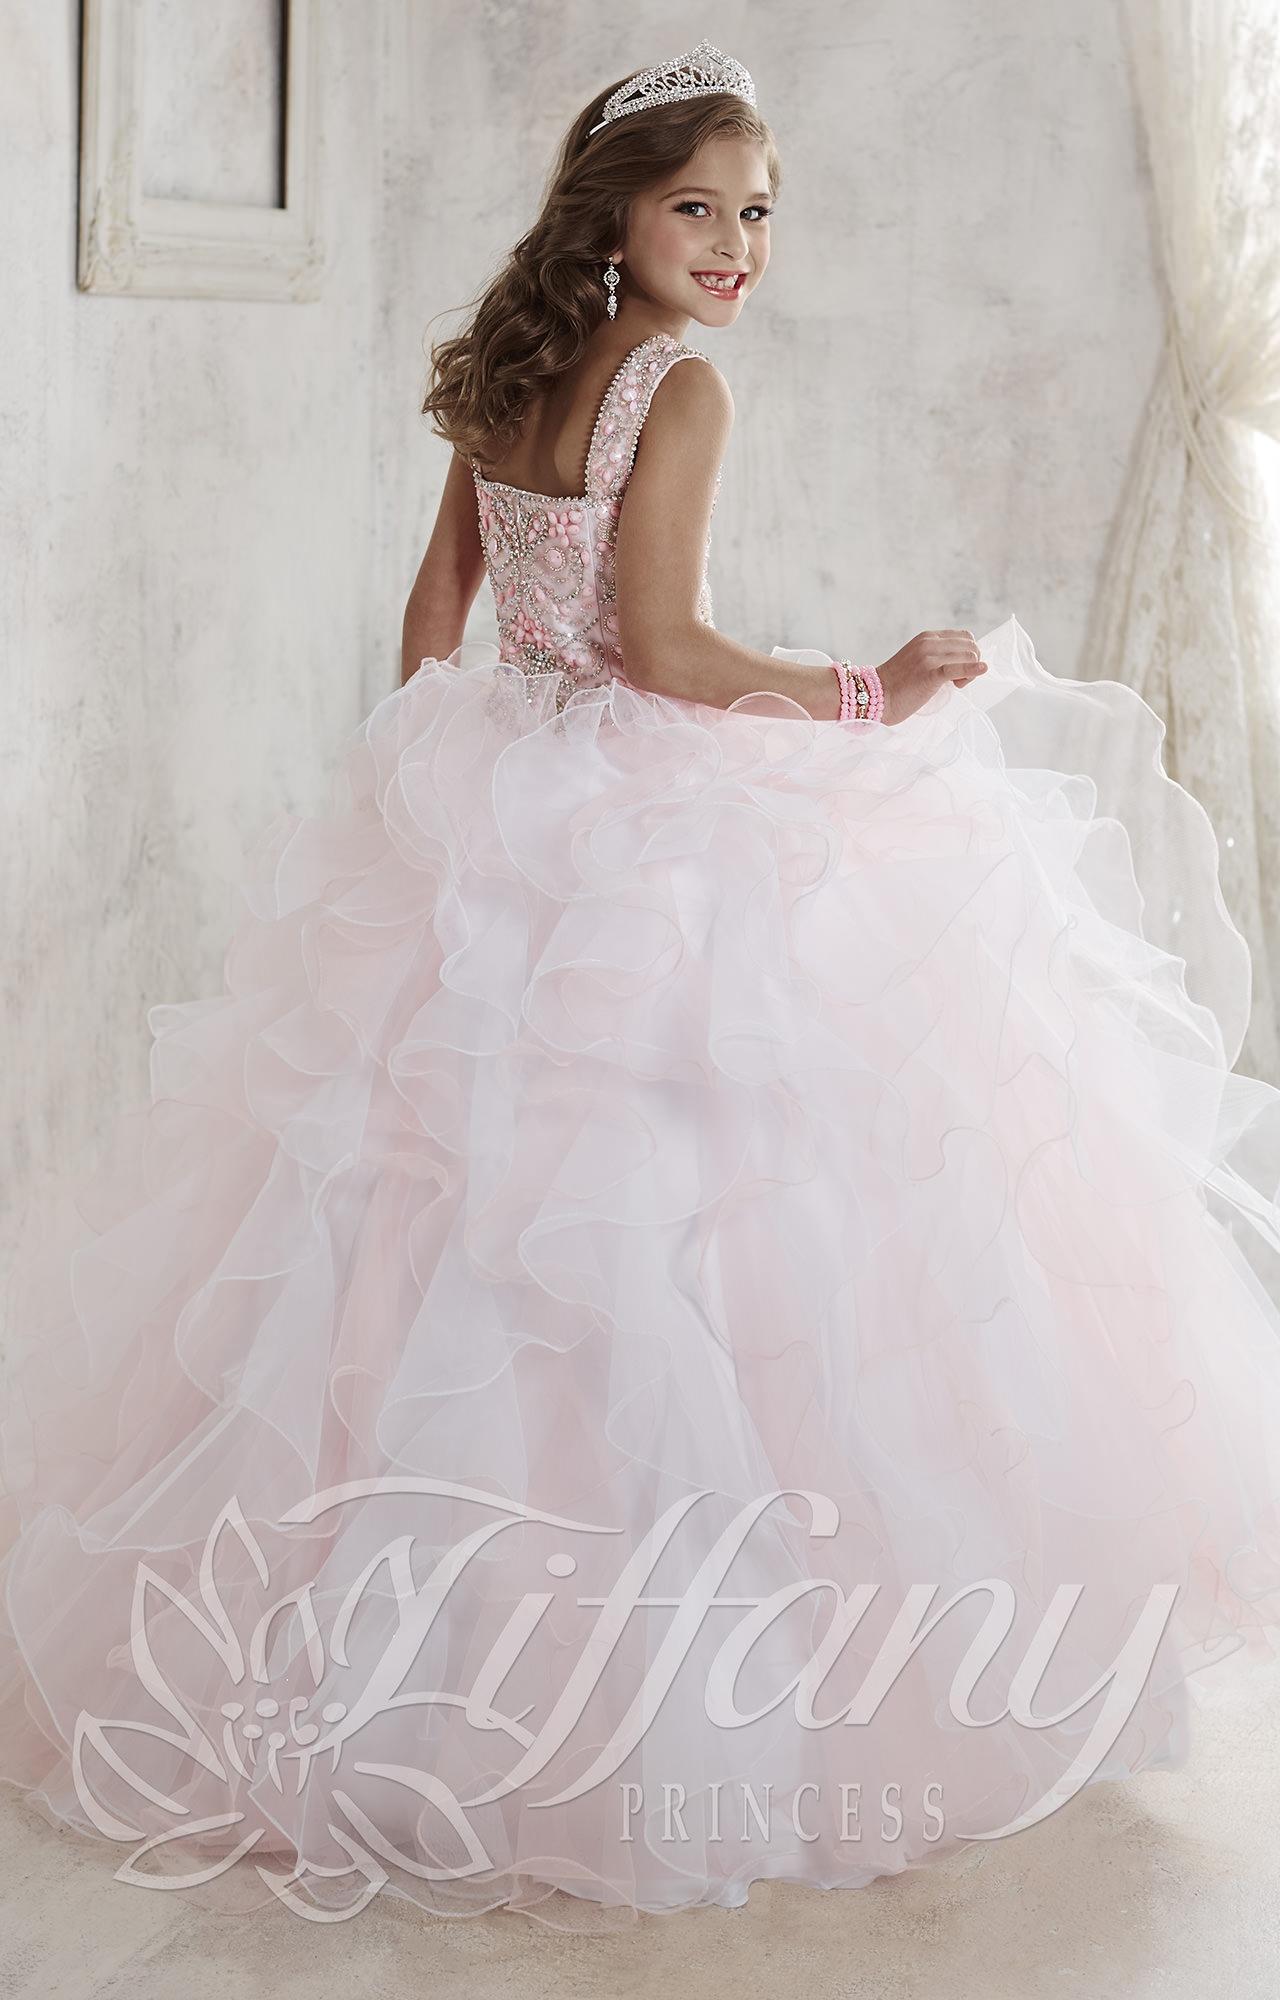 Tiffany Princess 13456 Fit For A Princess Dress Prom Dress